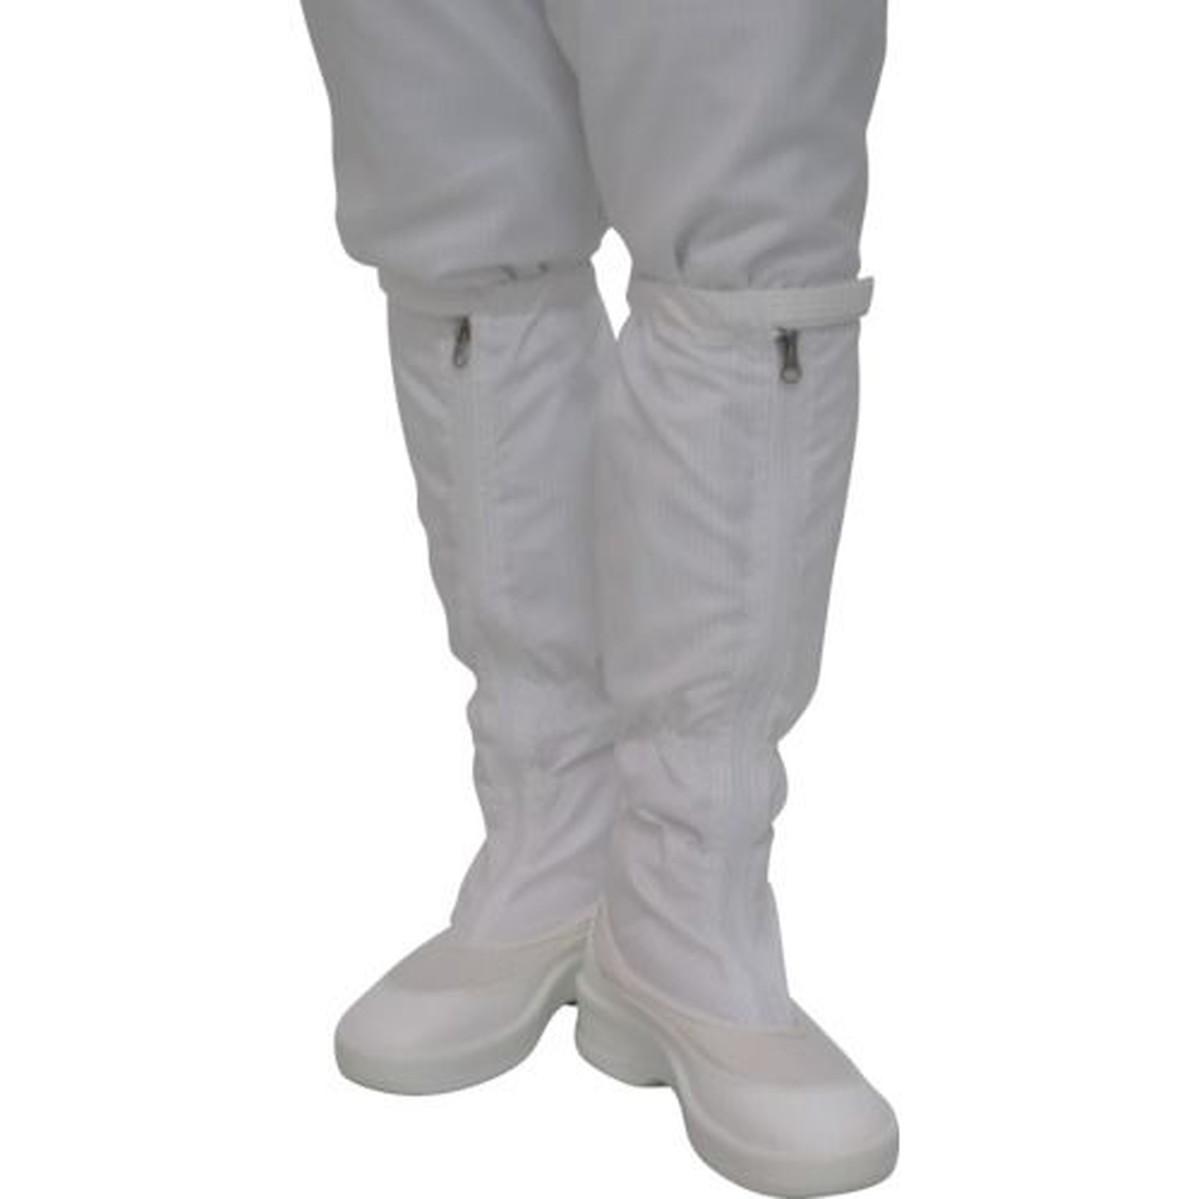 40%OFFの激安セール 春の新作続々 あす楽対応 DIY用品 ゴールドウイン ファスナー付ロングブーツ 26.5cm ホワイト 1足